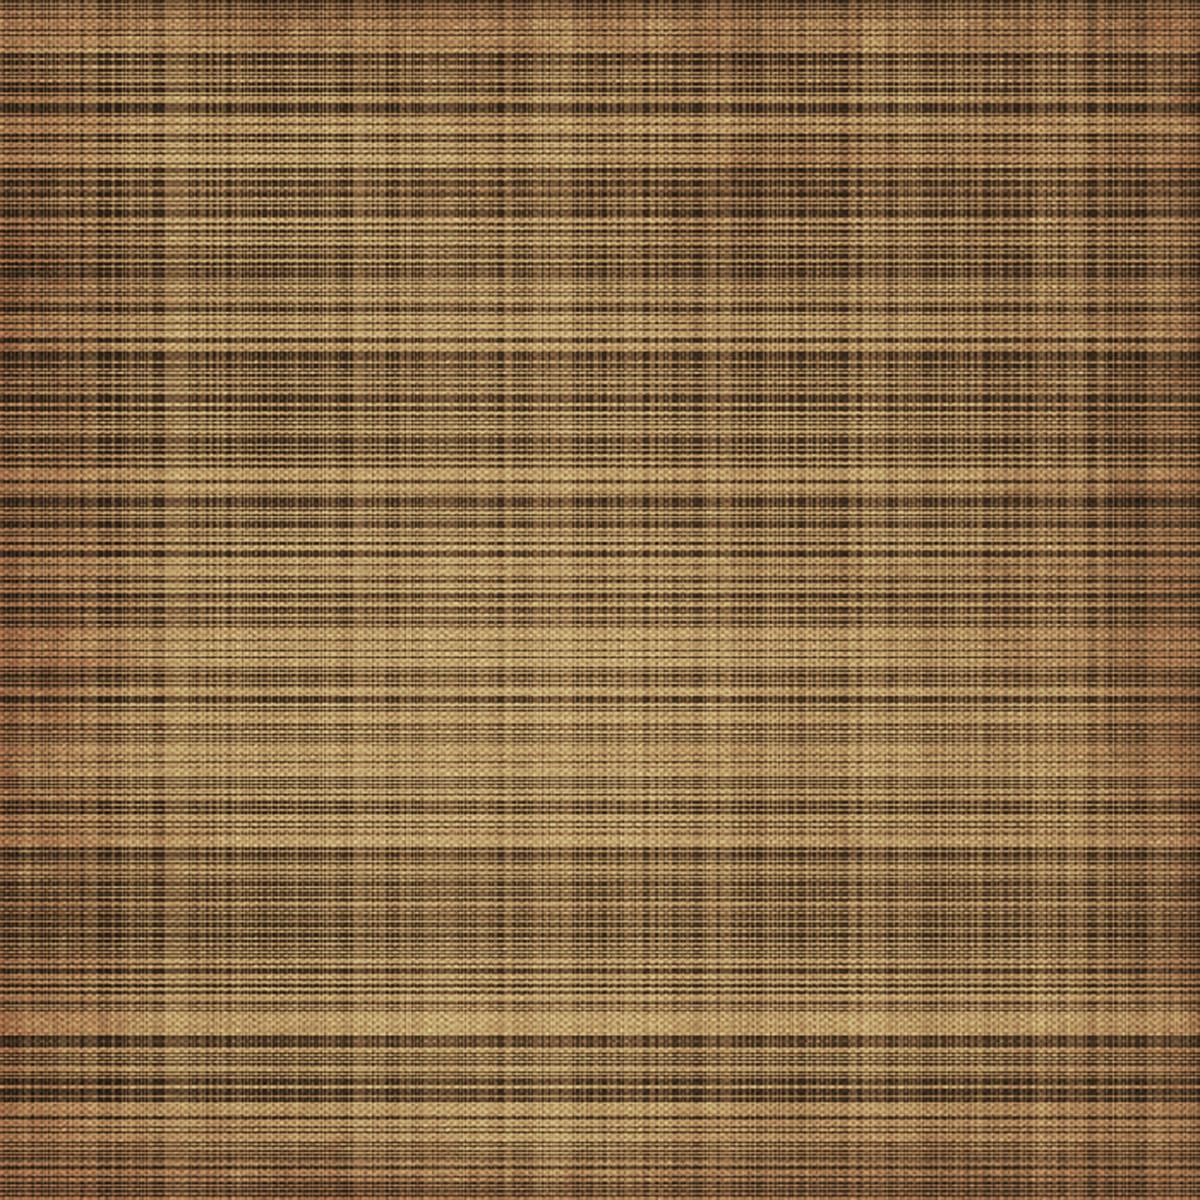 images gratuites bois texture sol int rieur mur mod le ligne courbe marron brique. Black Bedroom Furniture Sets. Home Design Ideas